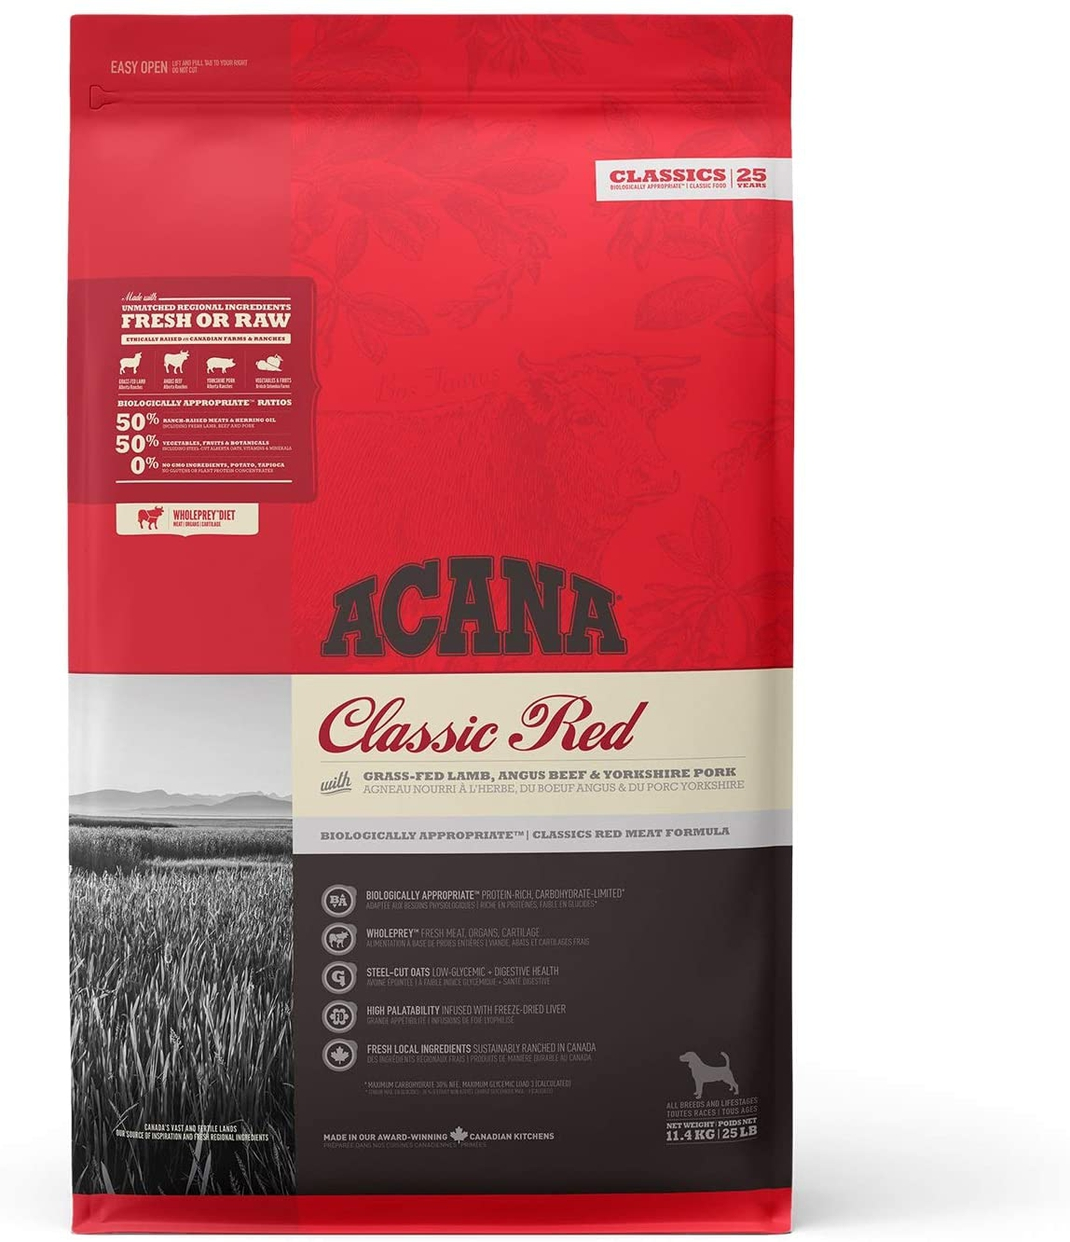 ACANA(アカナ) クラシックレッドの商品画像